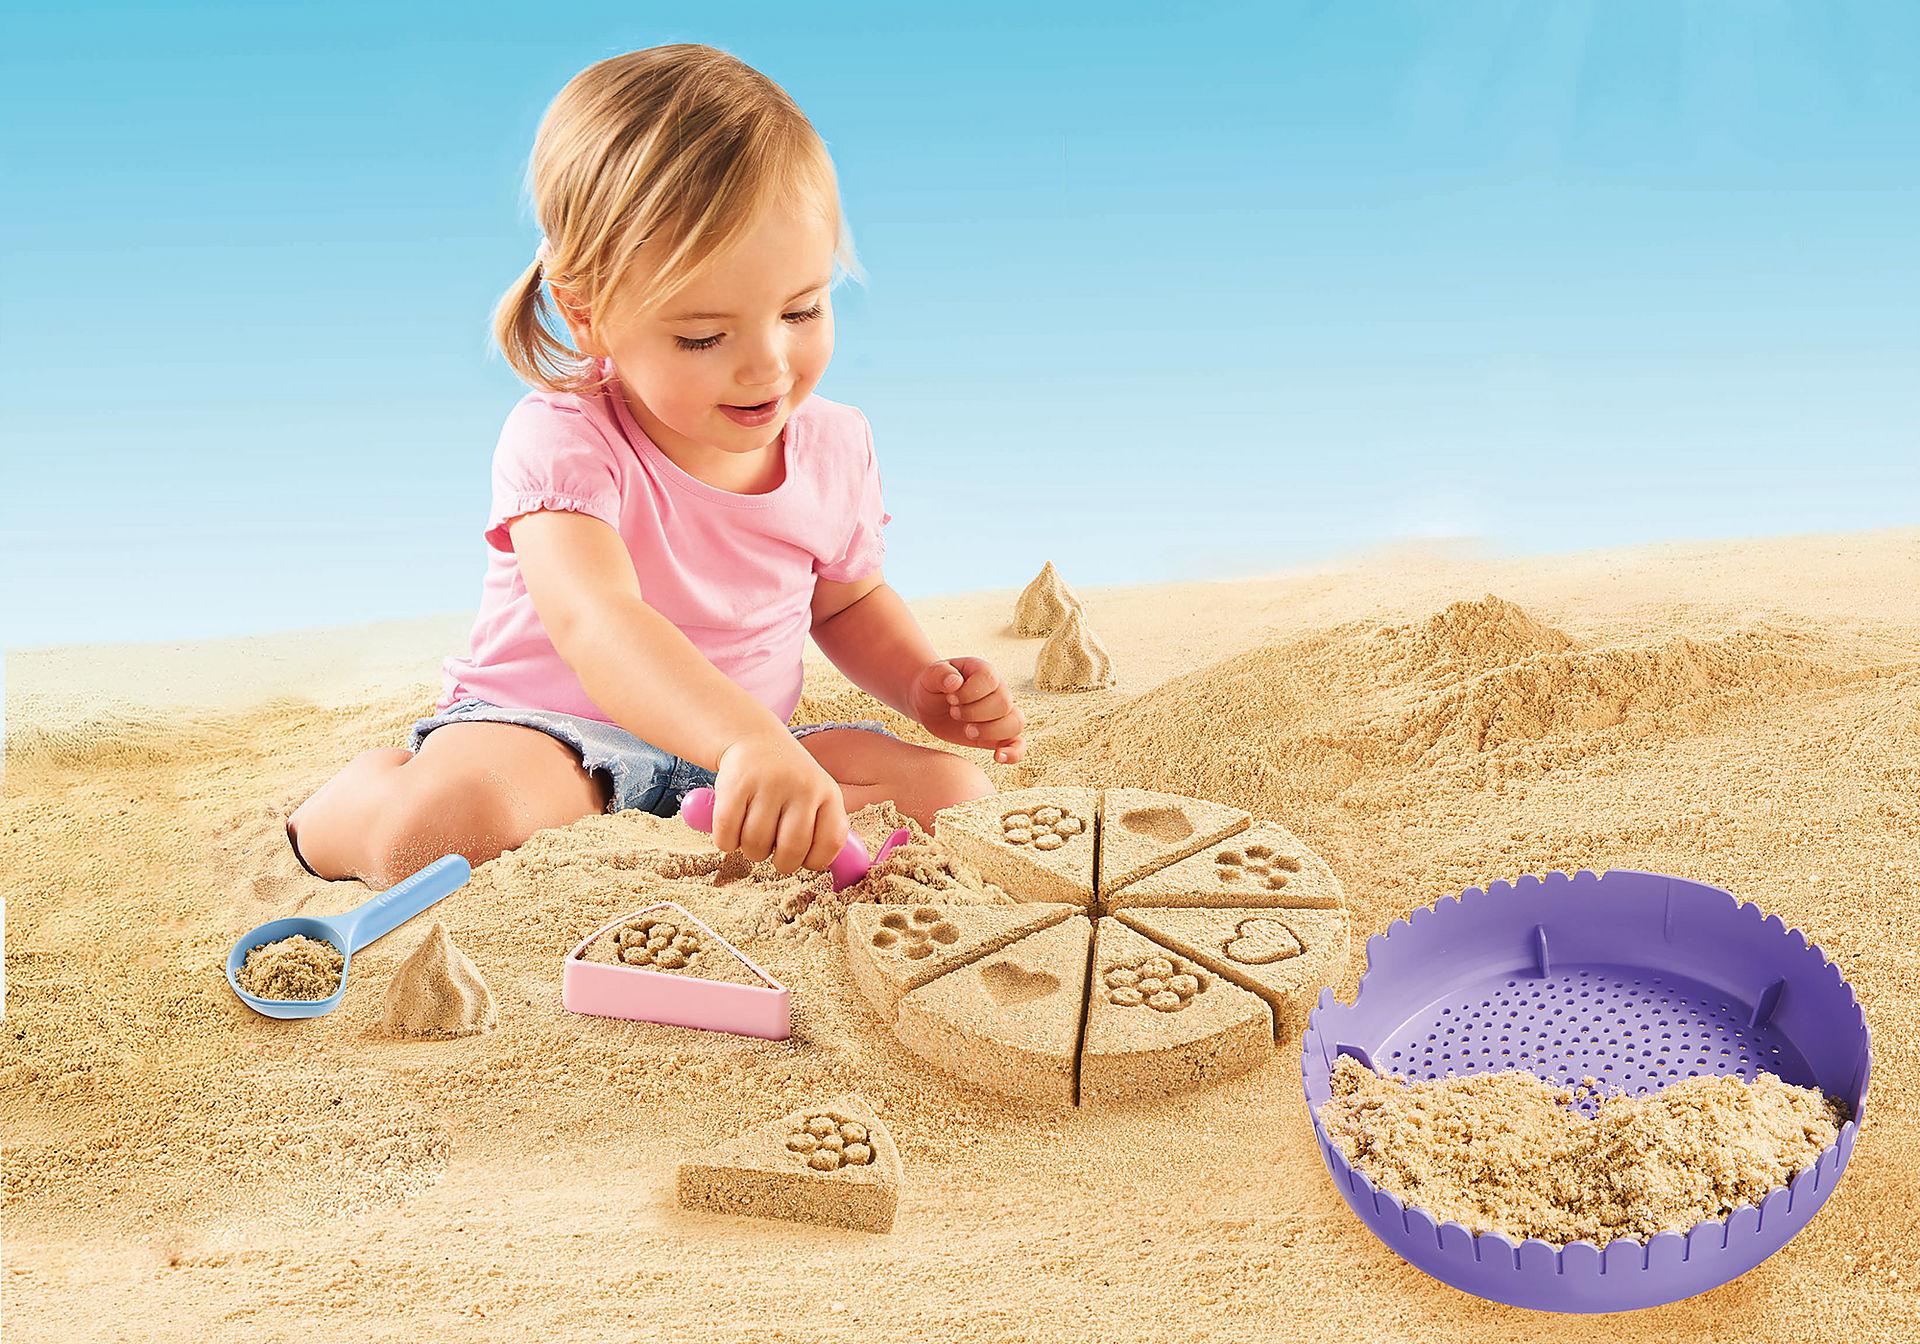 70339 Bakery Sand Bucket zoom image6